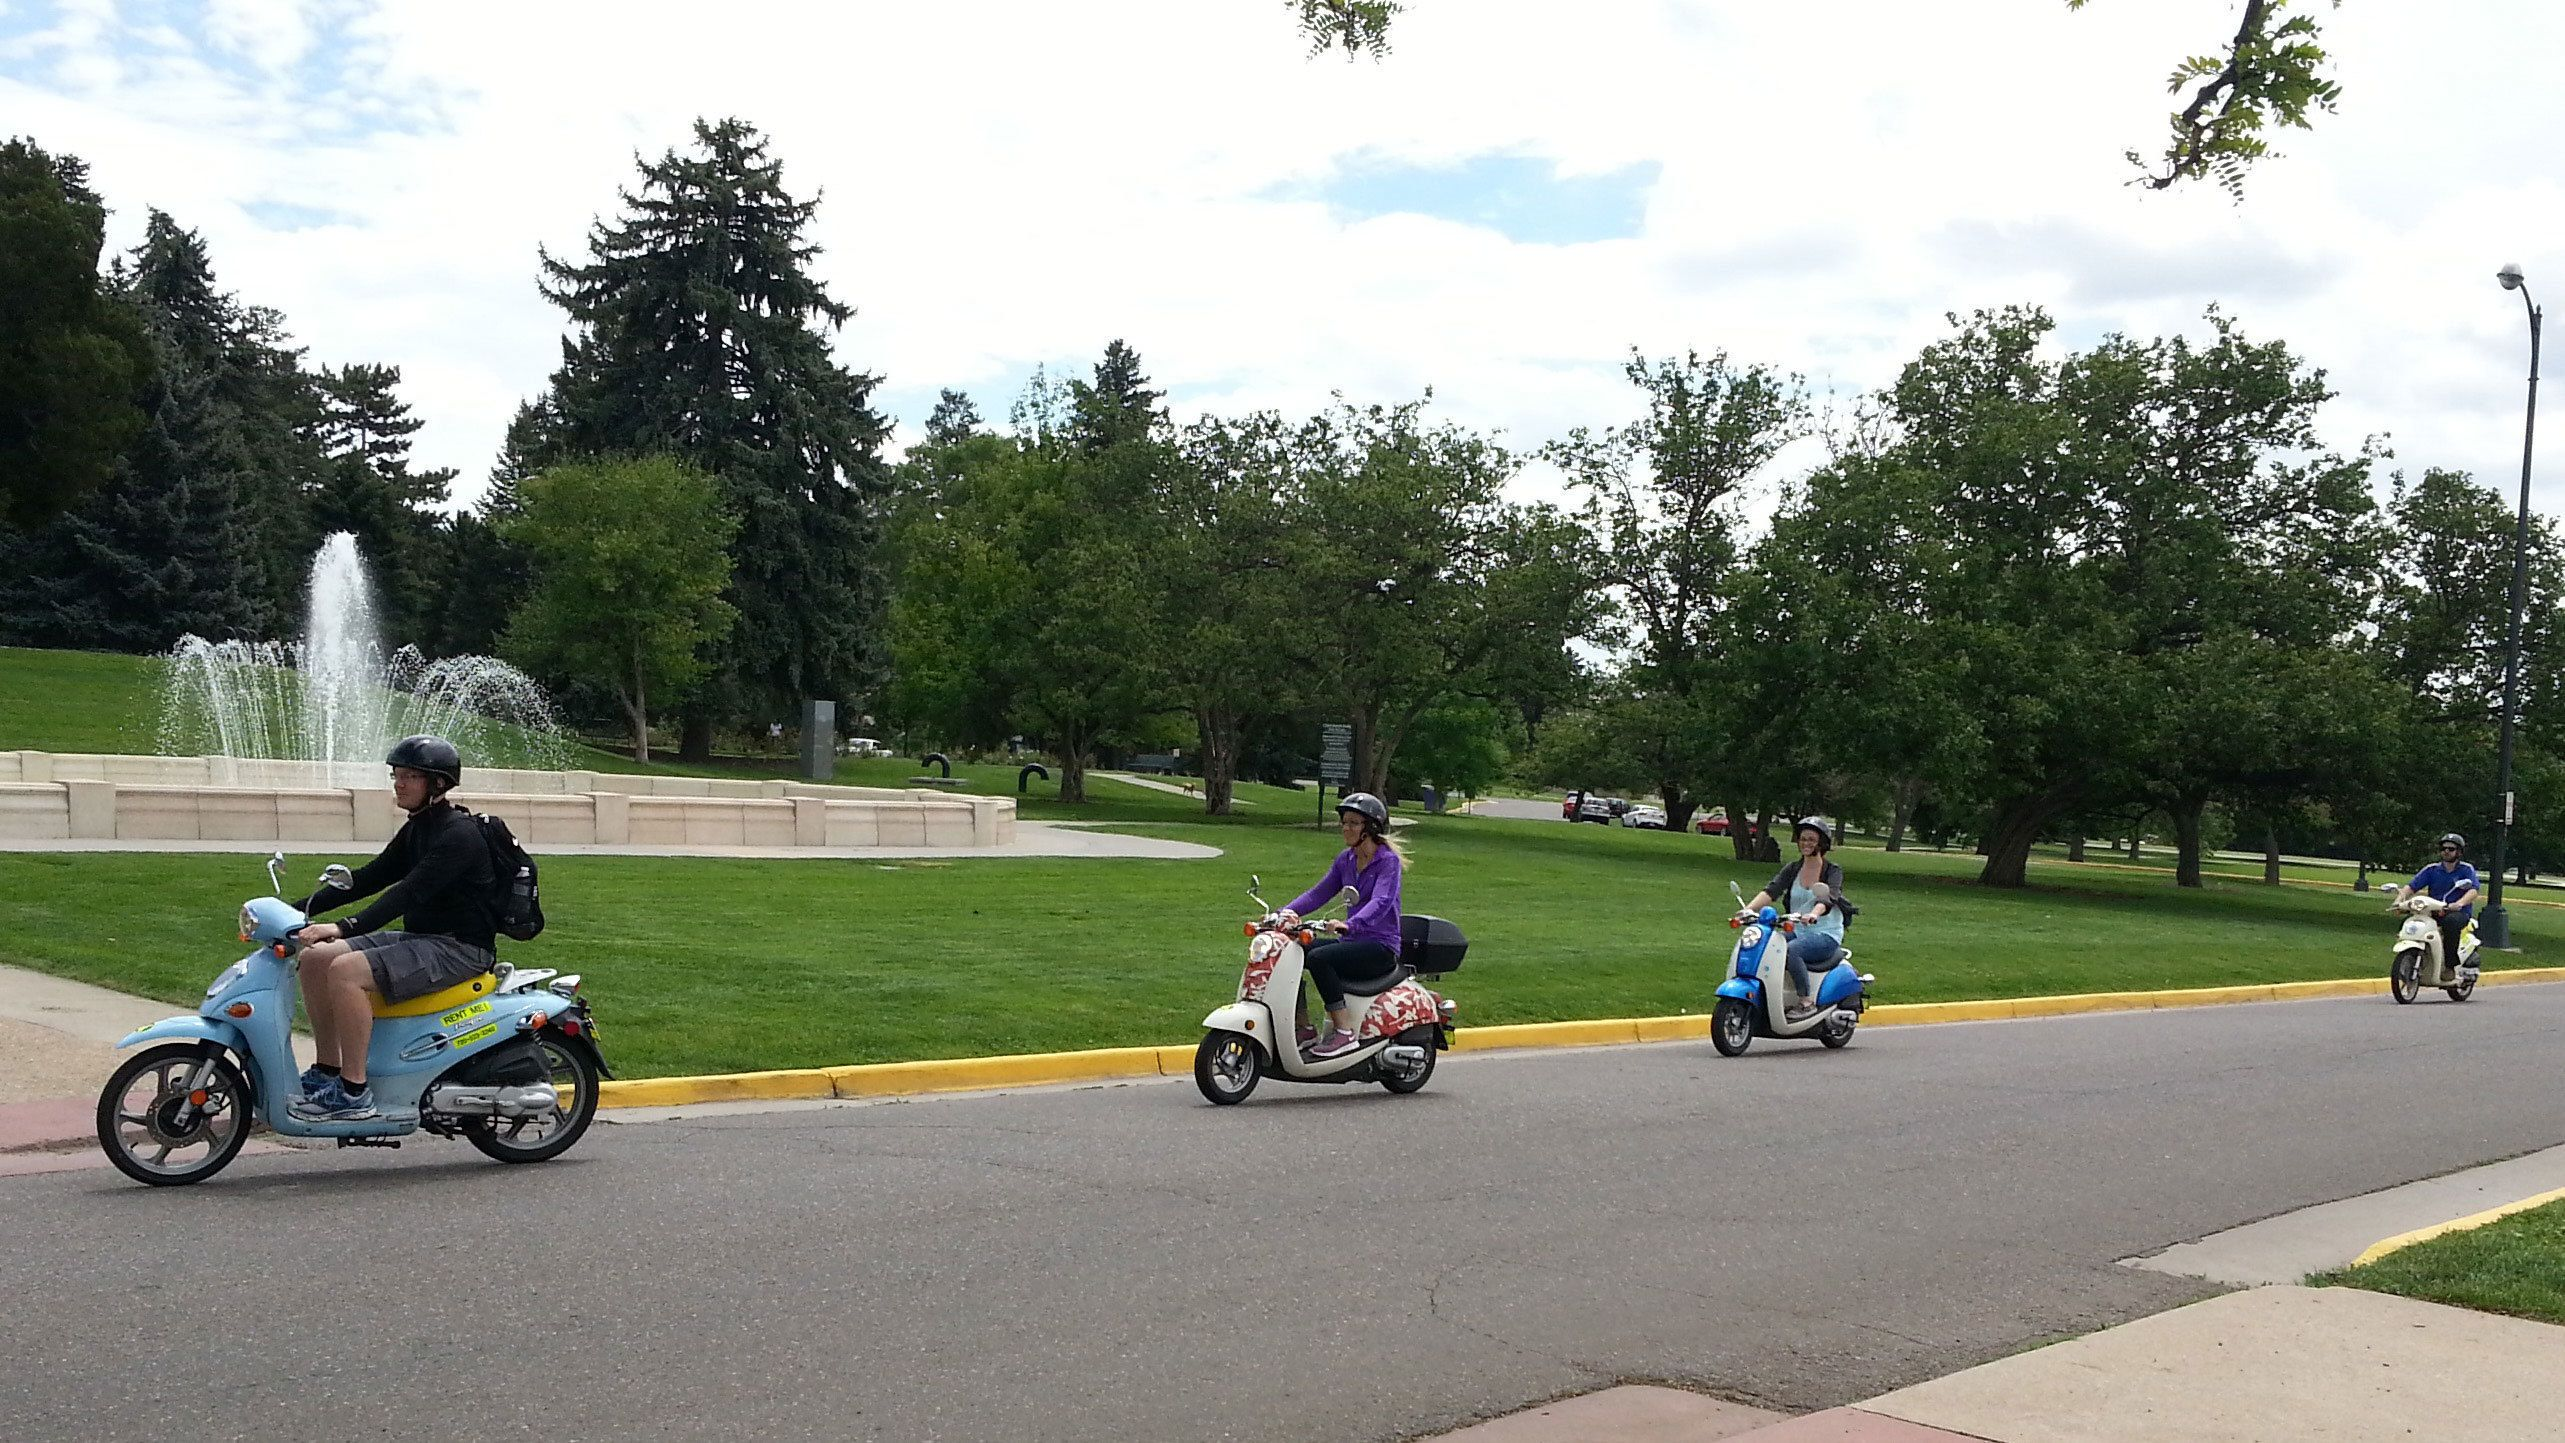 Tourists exploring Denver via scooter